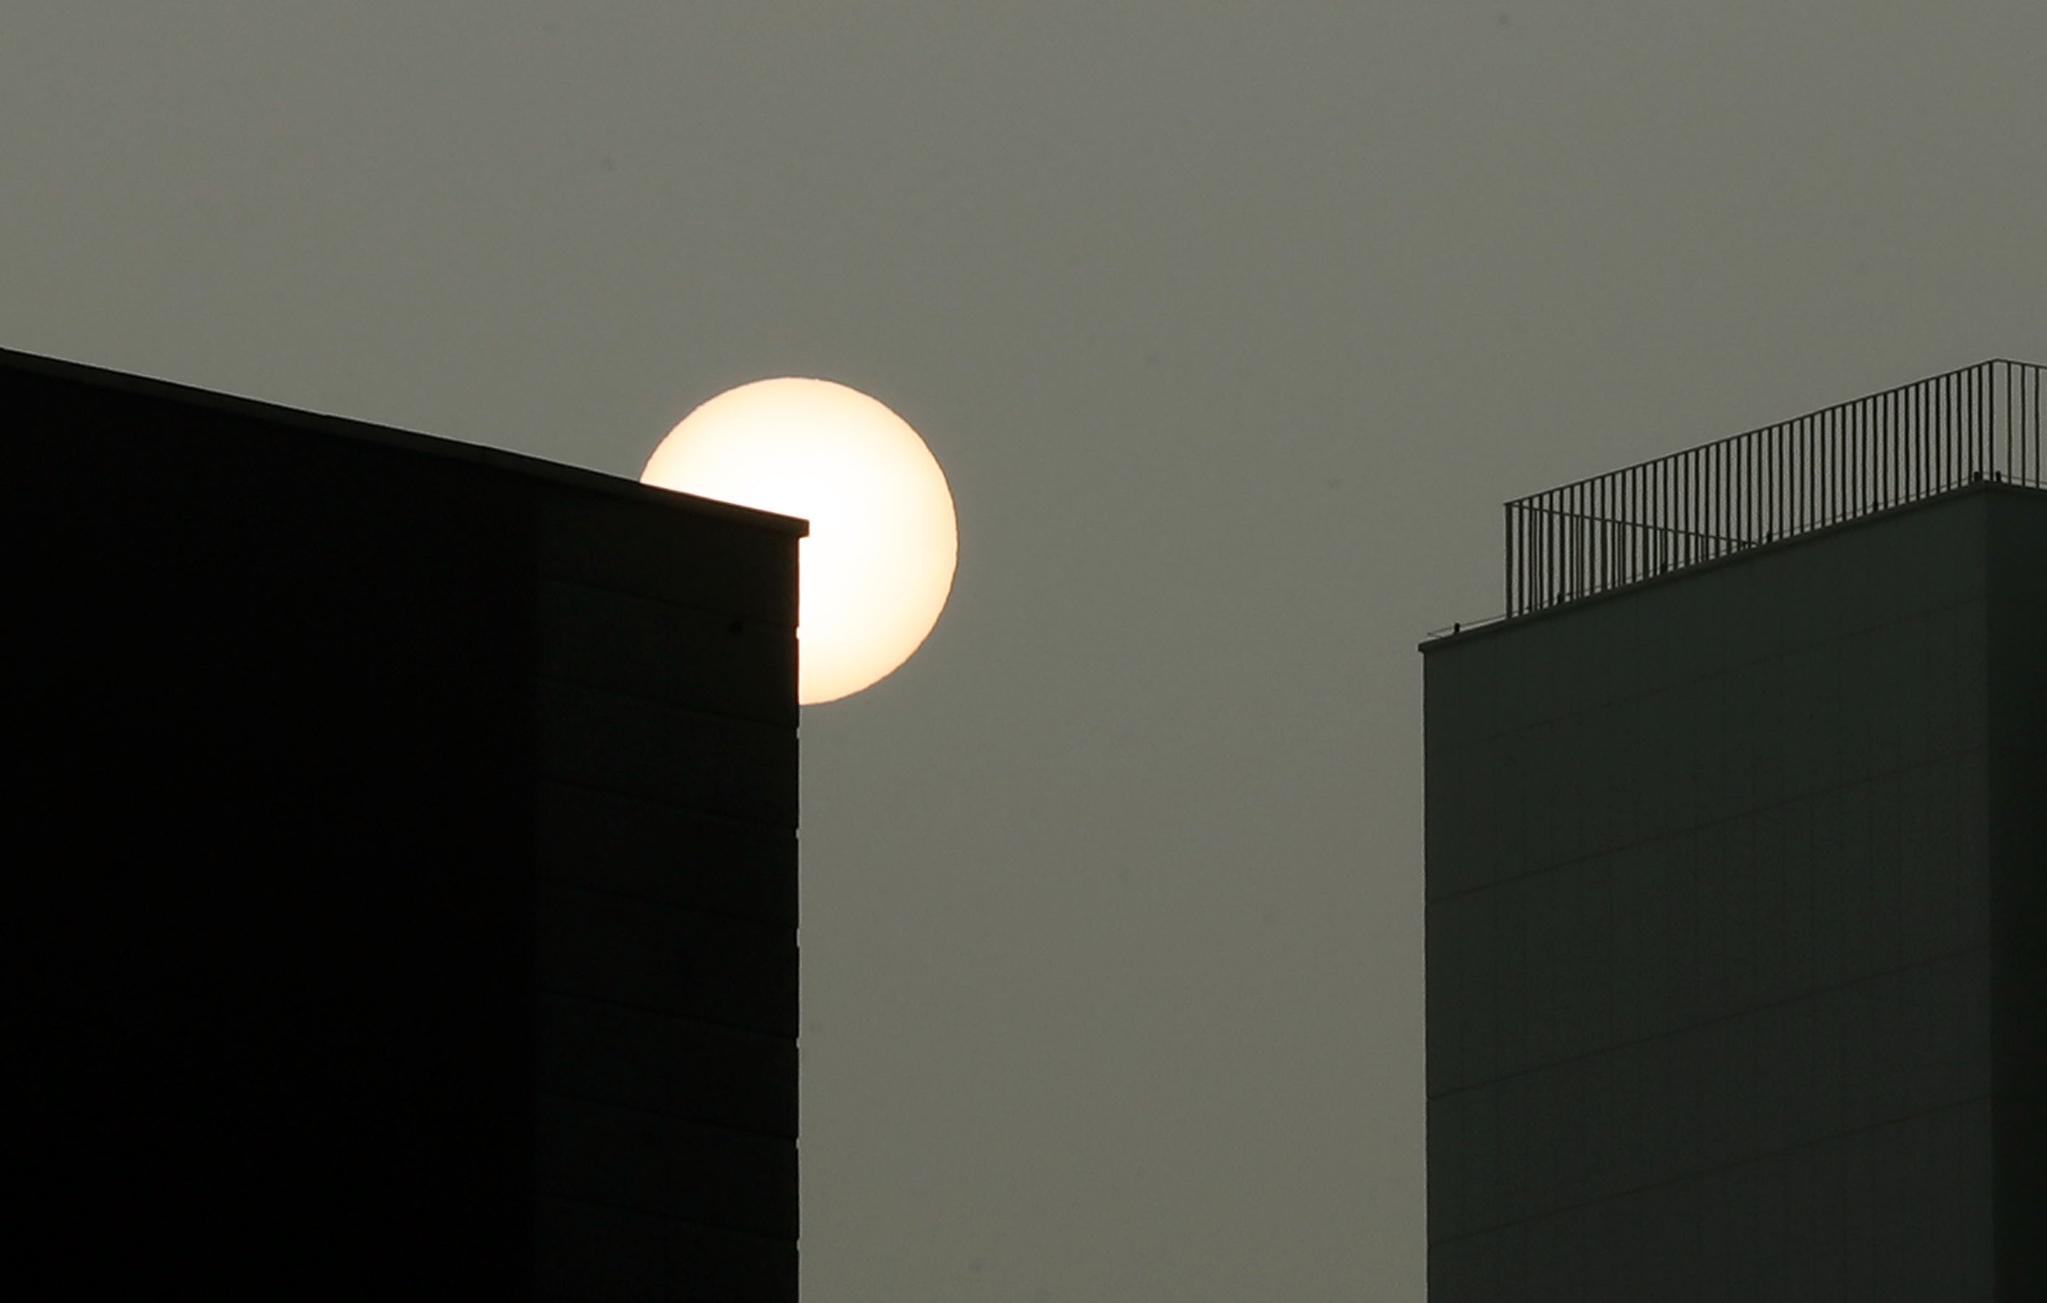 14일 미세먼지가 전국적으로 기승을 부리고 있는 가운데 수도권에 연이틀 비상저감조치가 내려졌다. 이날 오전 서울 도심 빌딩 사이로 솟은 해가 미세먼지 탓에 달처럼 보인다. 변선구 기자